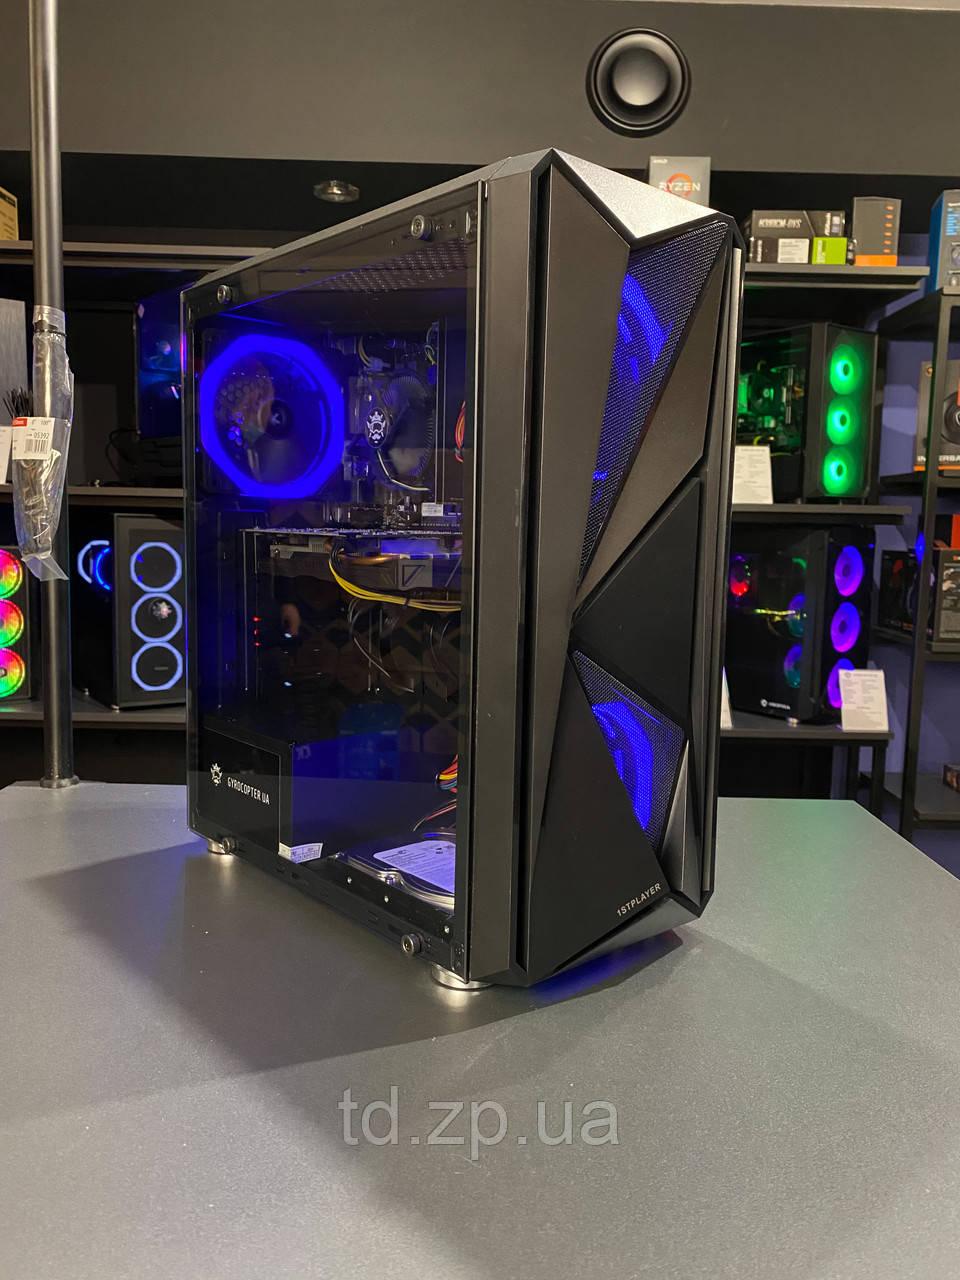 Игровой компьютер Intel Core i3-10100f + GTX 1650 SUPER 4Gb + RAM 16Gb + HDD 500gb + SSD 120Gb